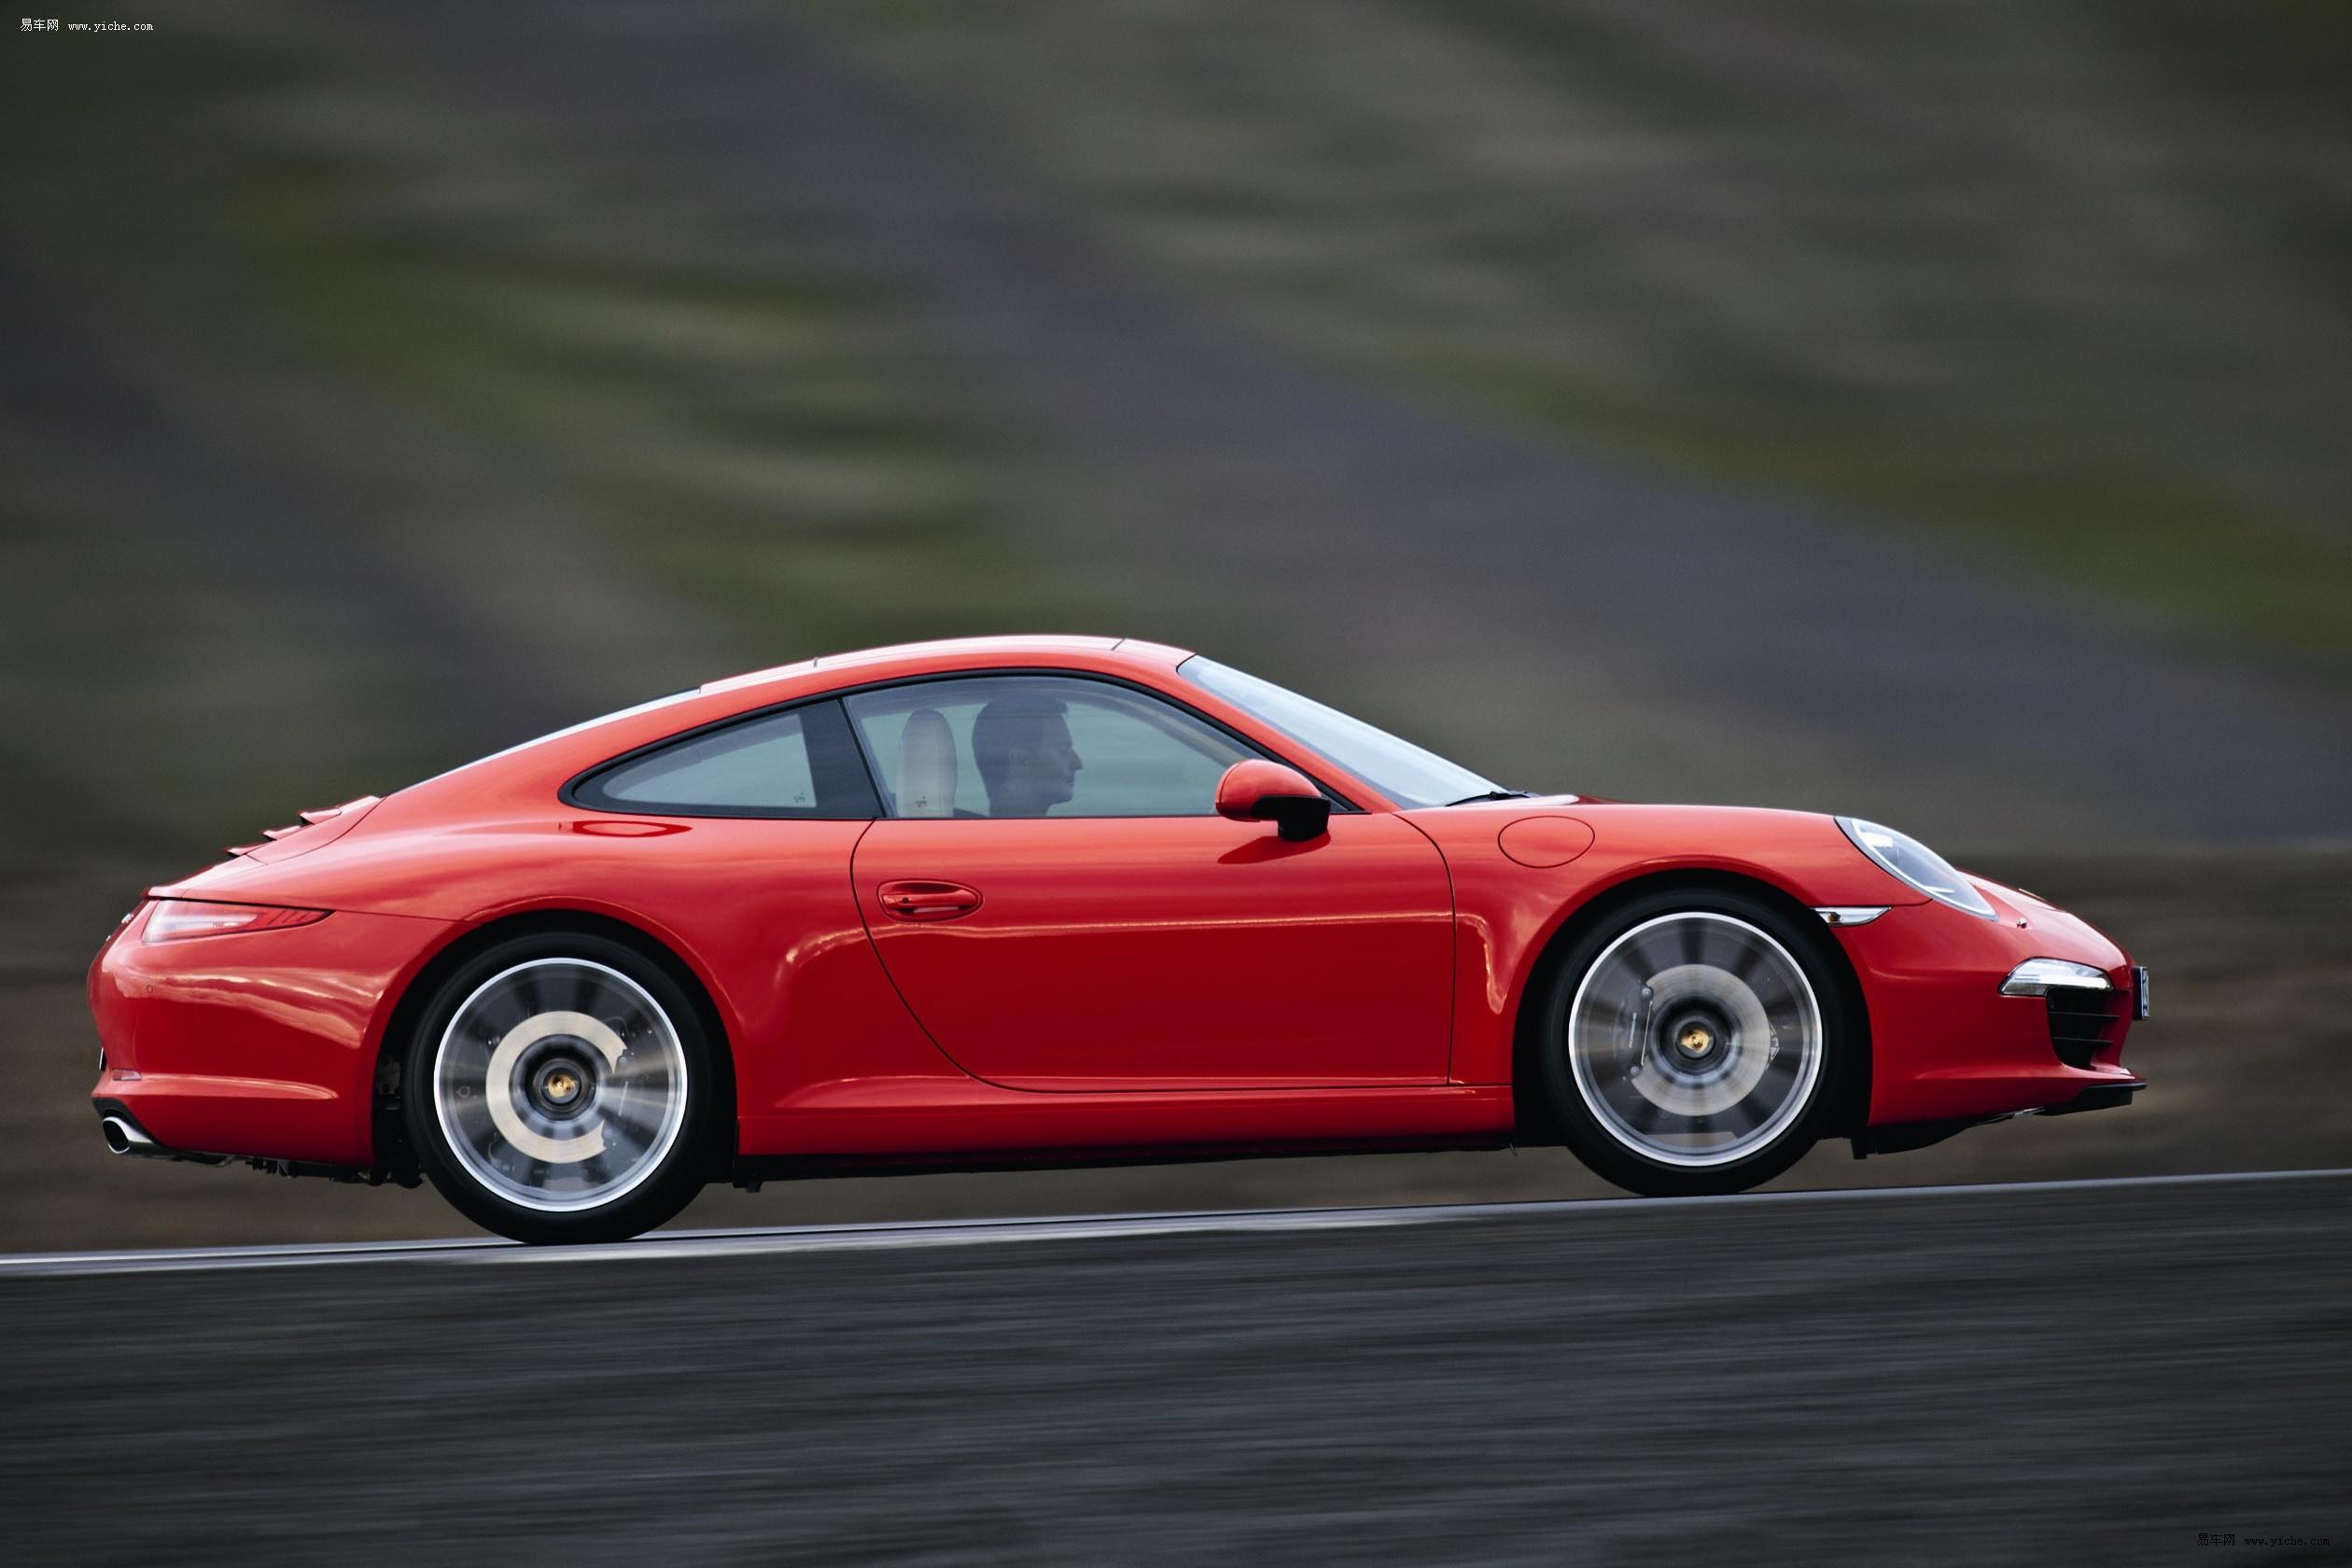 新款保时捷911carrera传统与现代的碰撞高清图片